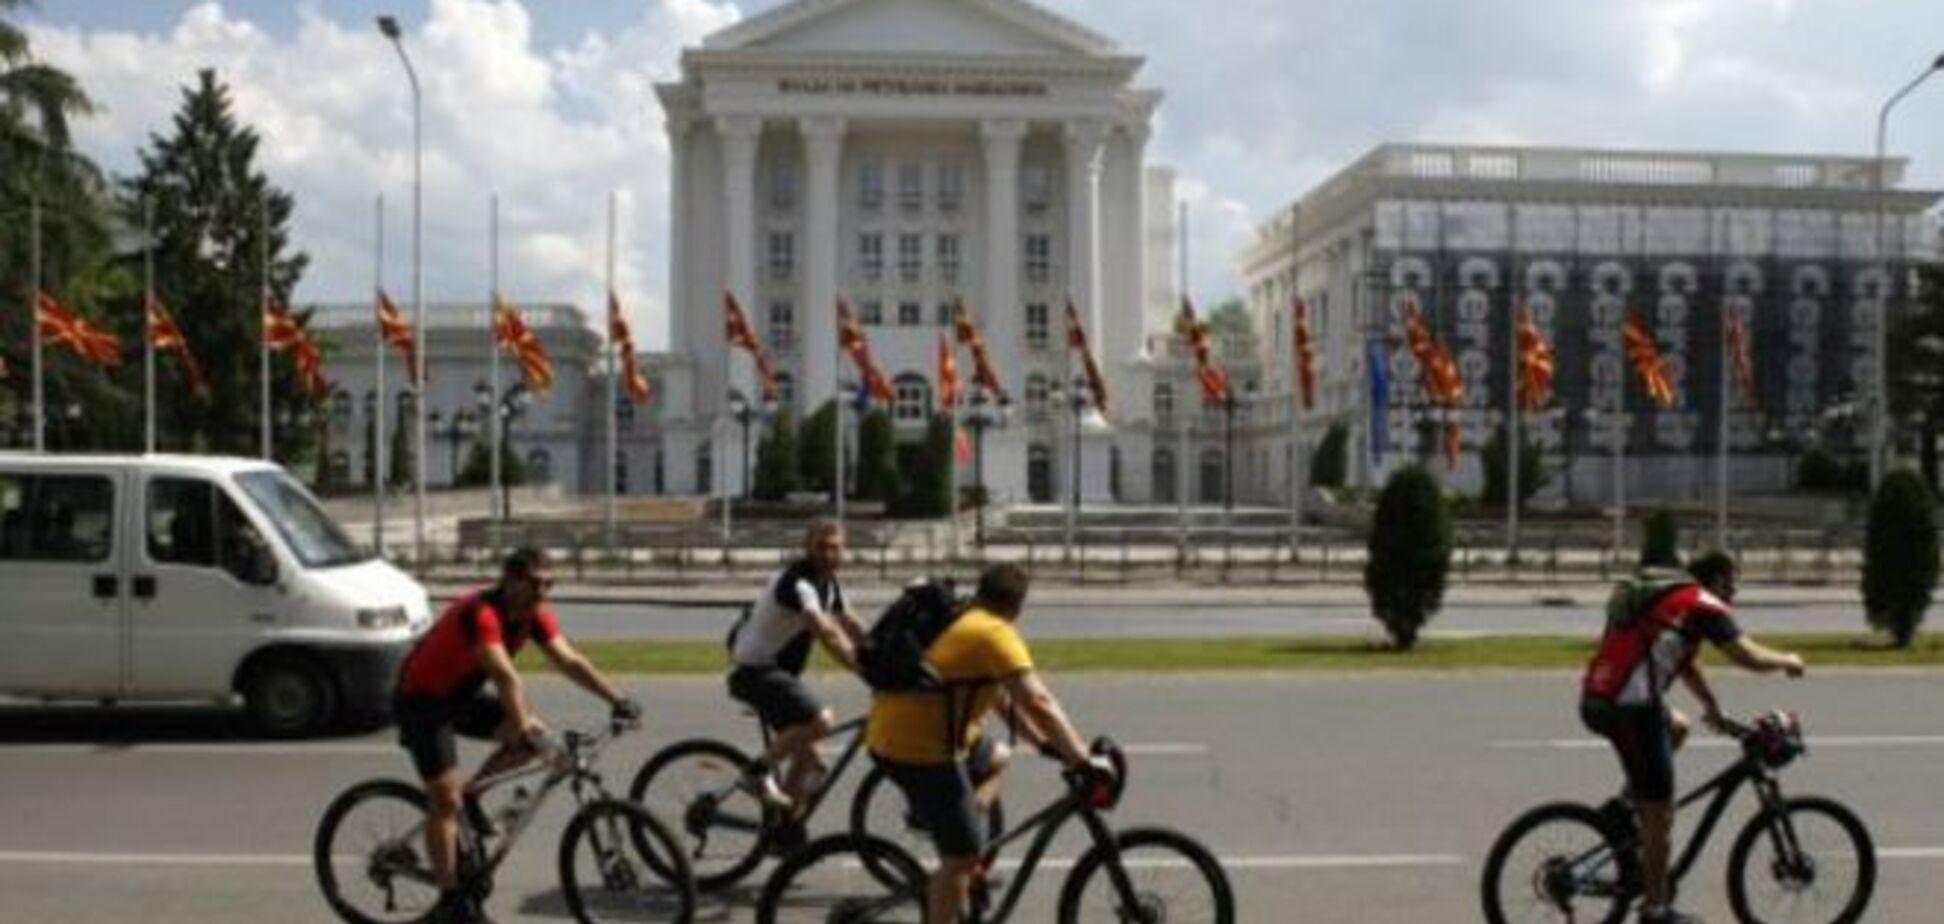 В Македонии объявлен национальный траур по убитым полицейским: фоторепортаж